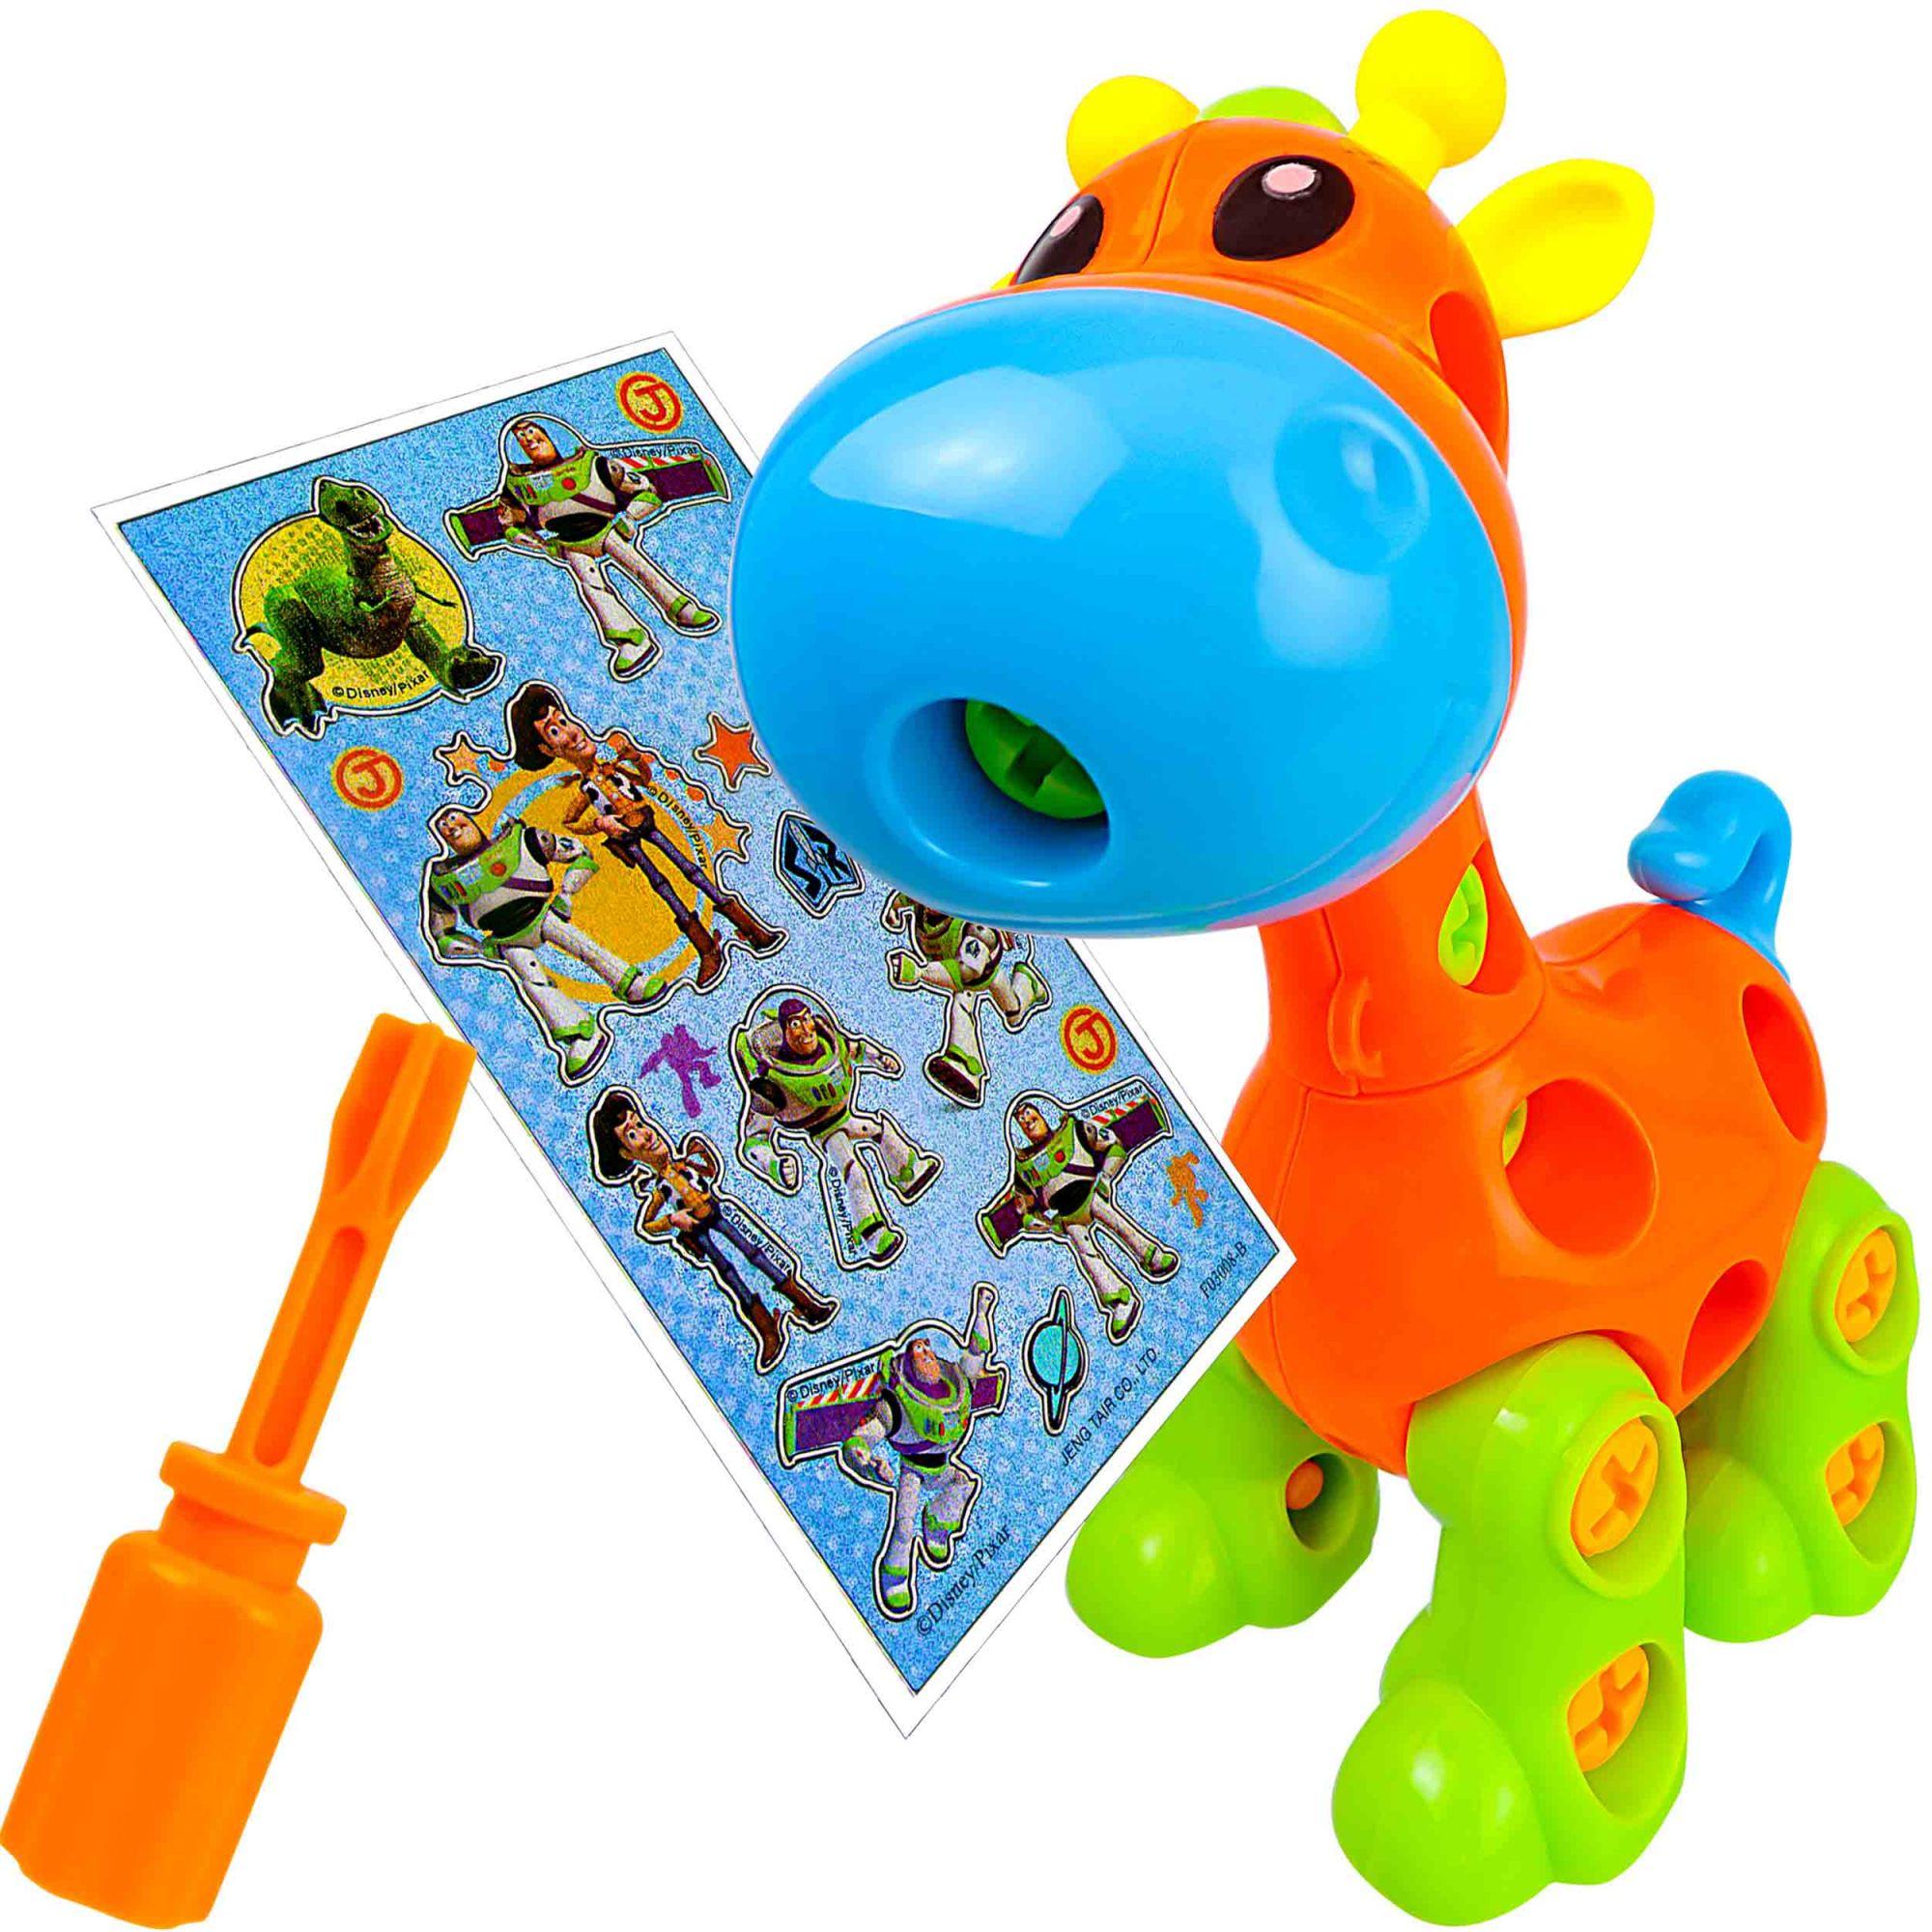 Brinquedo Didático Girafa Baby Monta E Desmonta + Adesivo